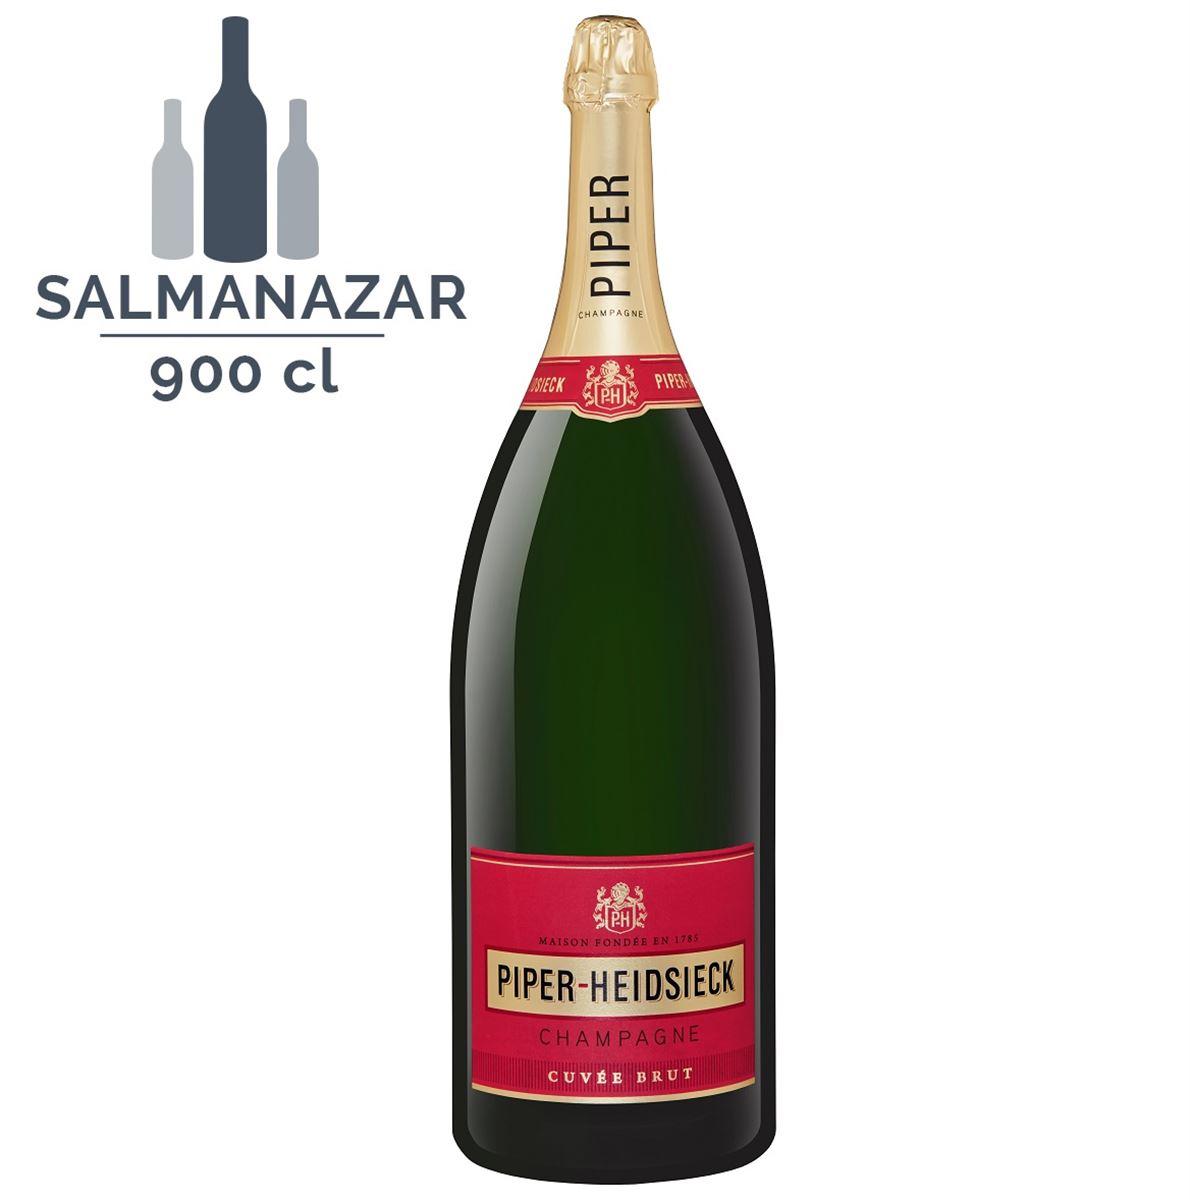 Champagne PIPER-HEIDSIECK AVEC CAISSE BOIS, CUVÉE BRUT CHAMPAGNE AOP BLANC - Salmanazar 9 Litres